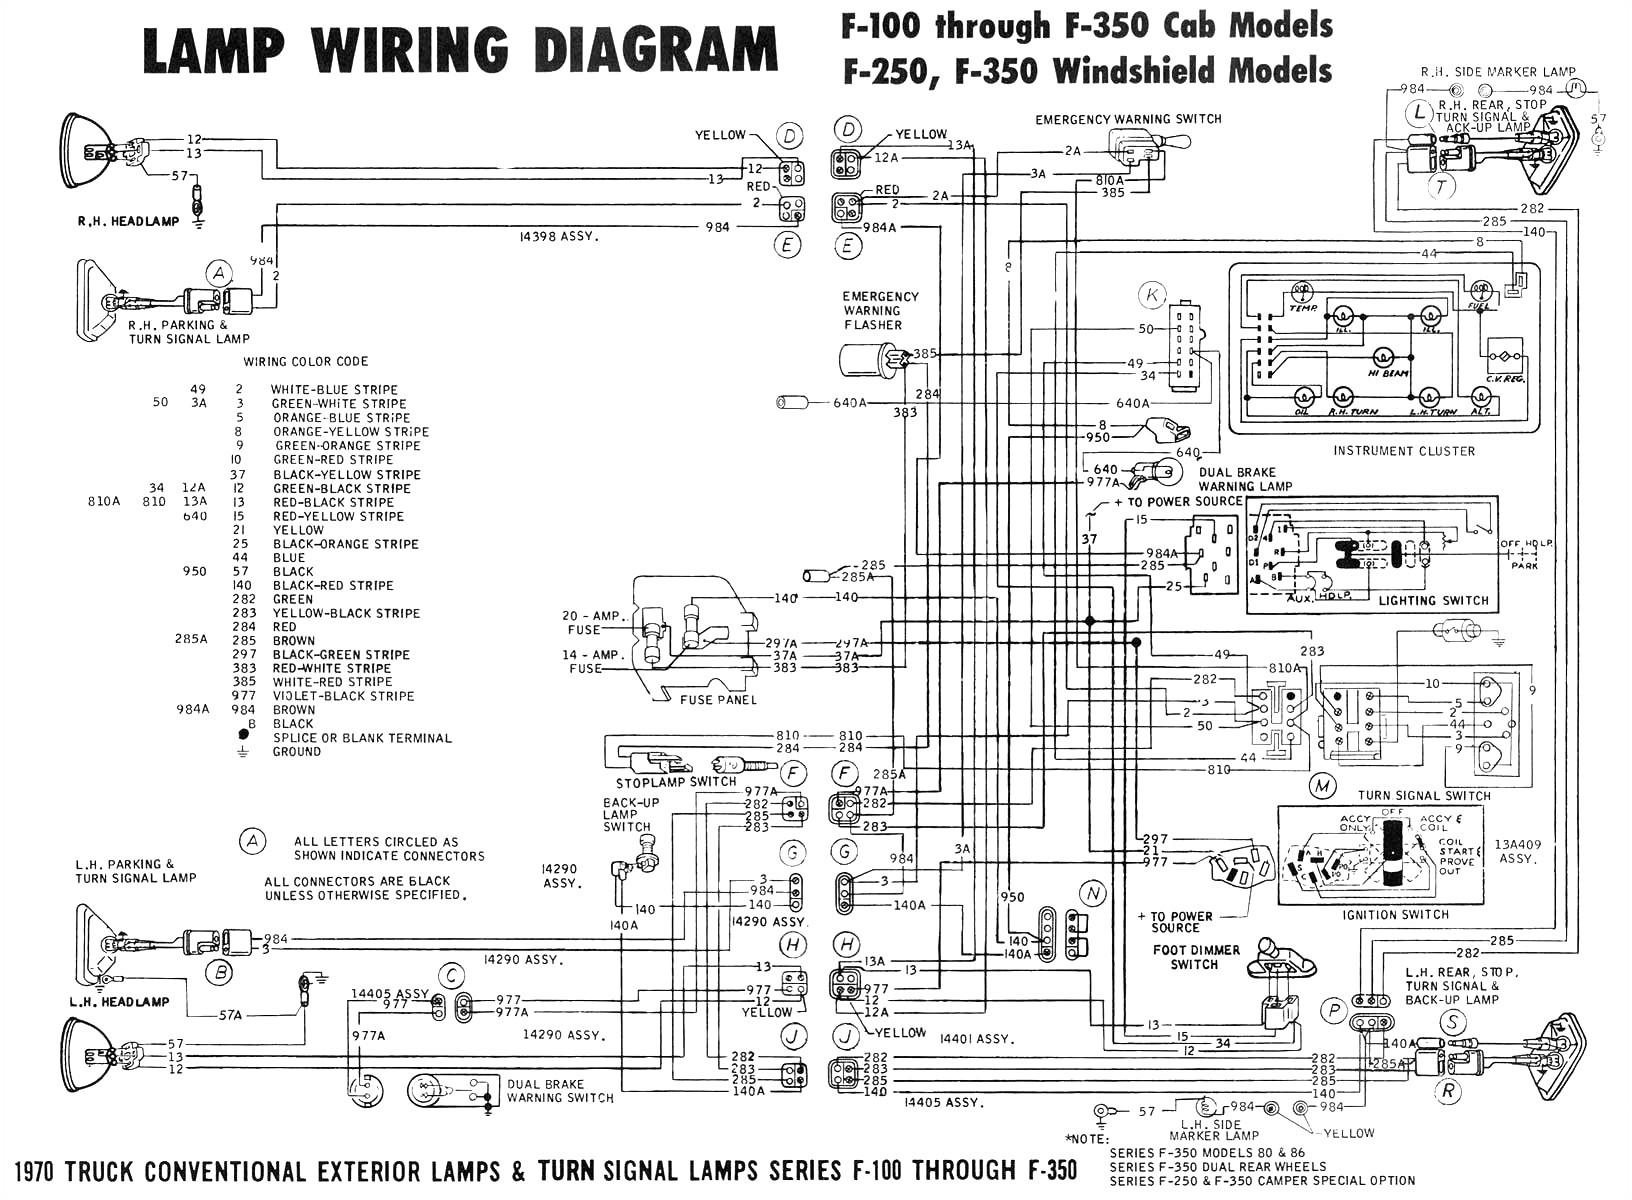 6 Pole Square Trailer Wiring Diagram Fuse Box Car Wiring Diagram Page 212 Wiring Diagram View